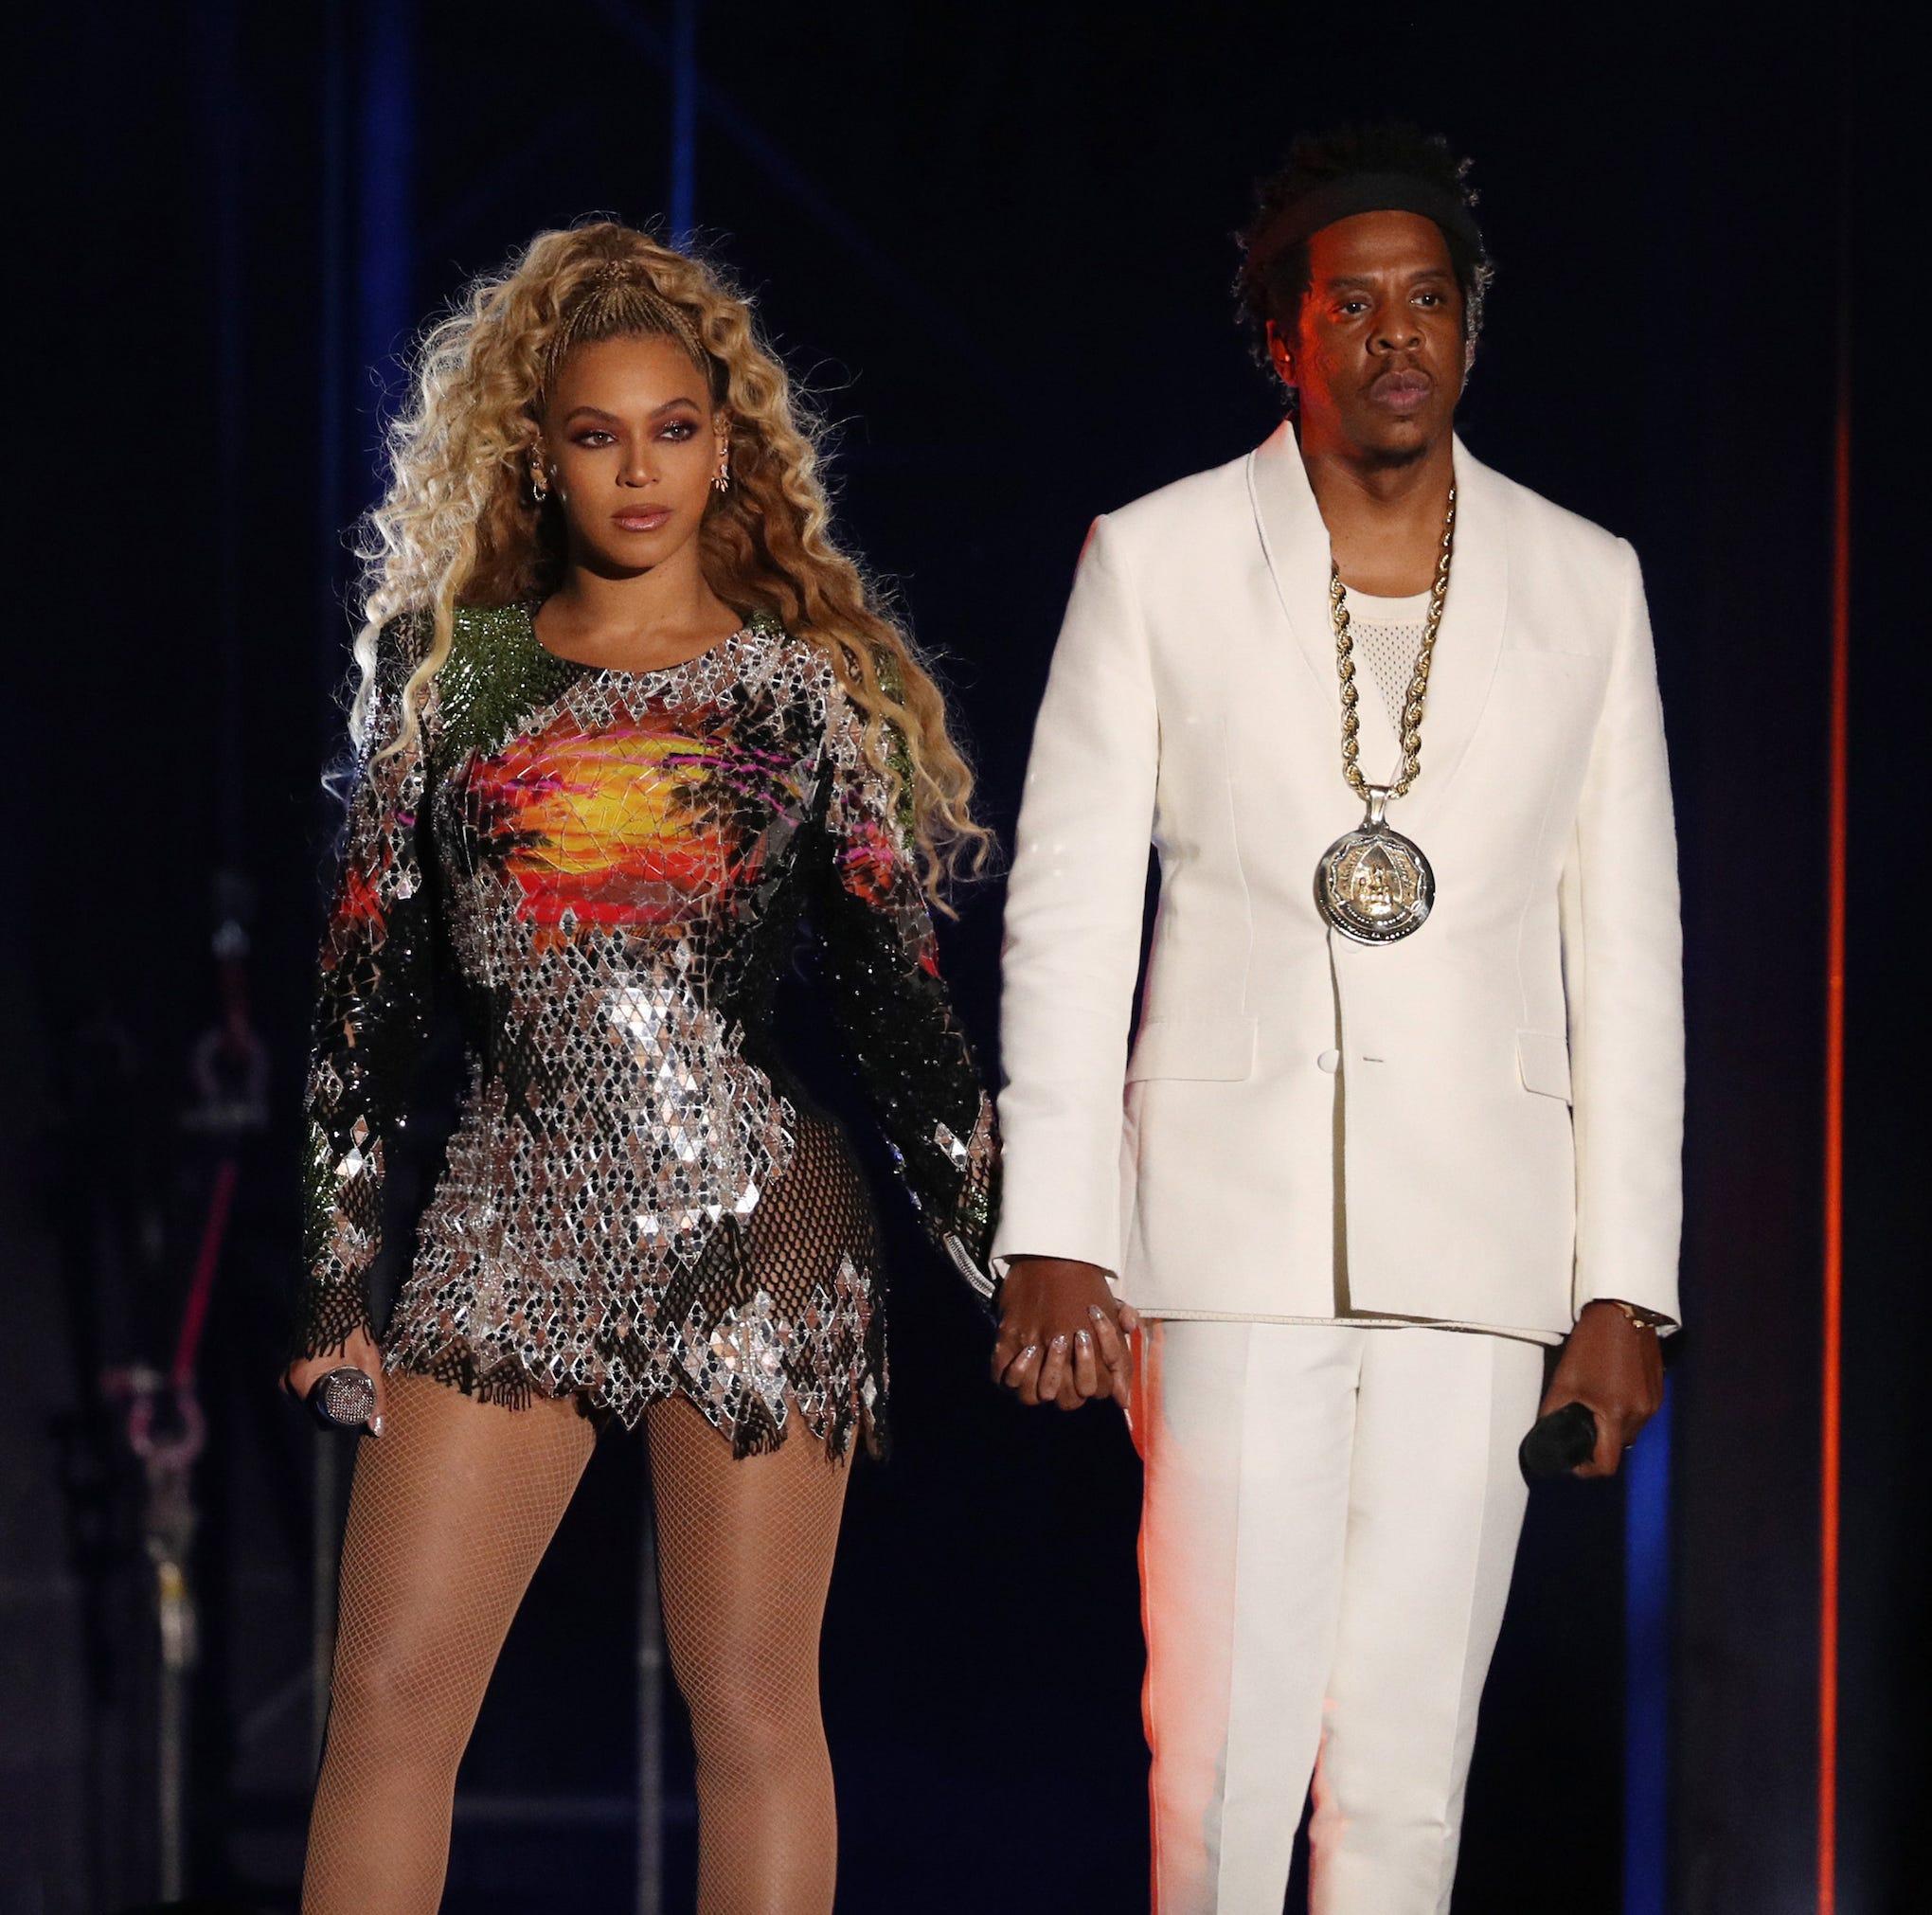 Beyoncé dedicates Detroit concert to ailing Aretha Franklin